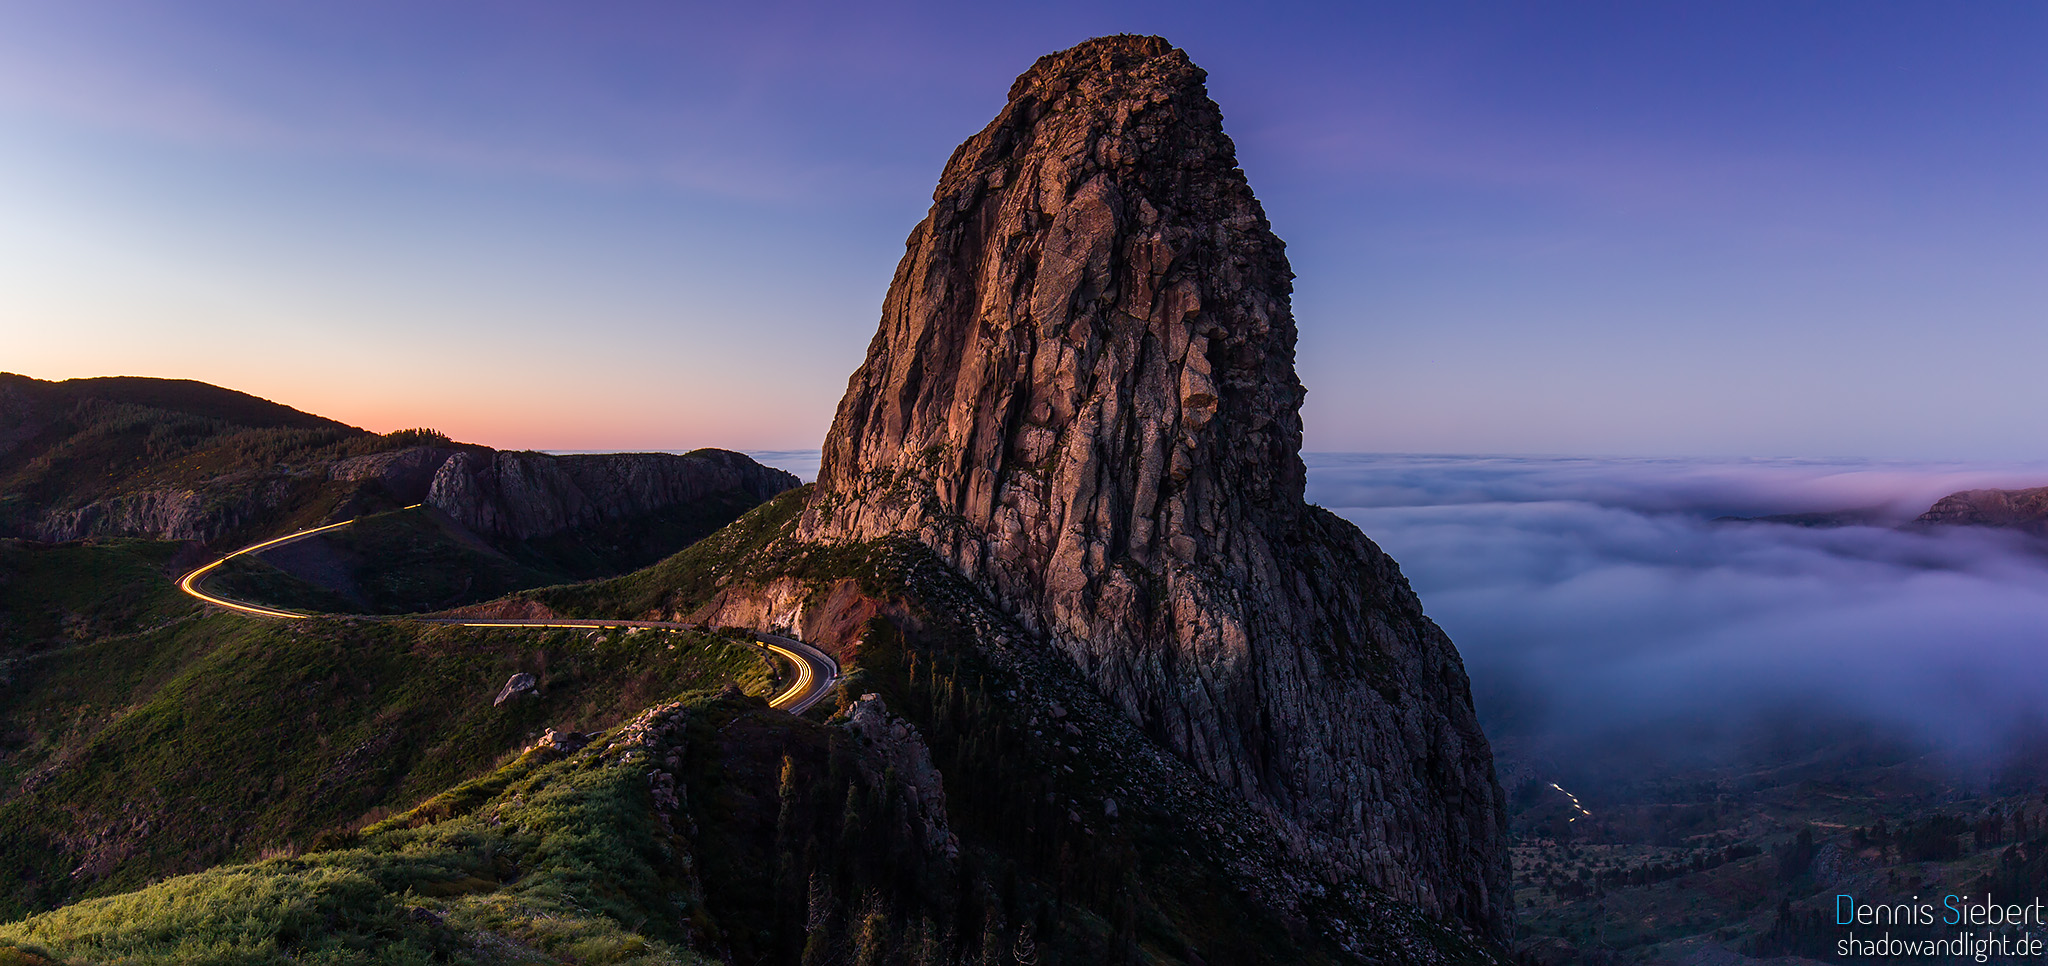 Roque de Agando, Spain